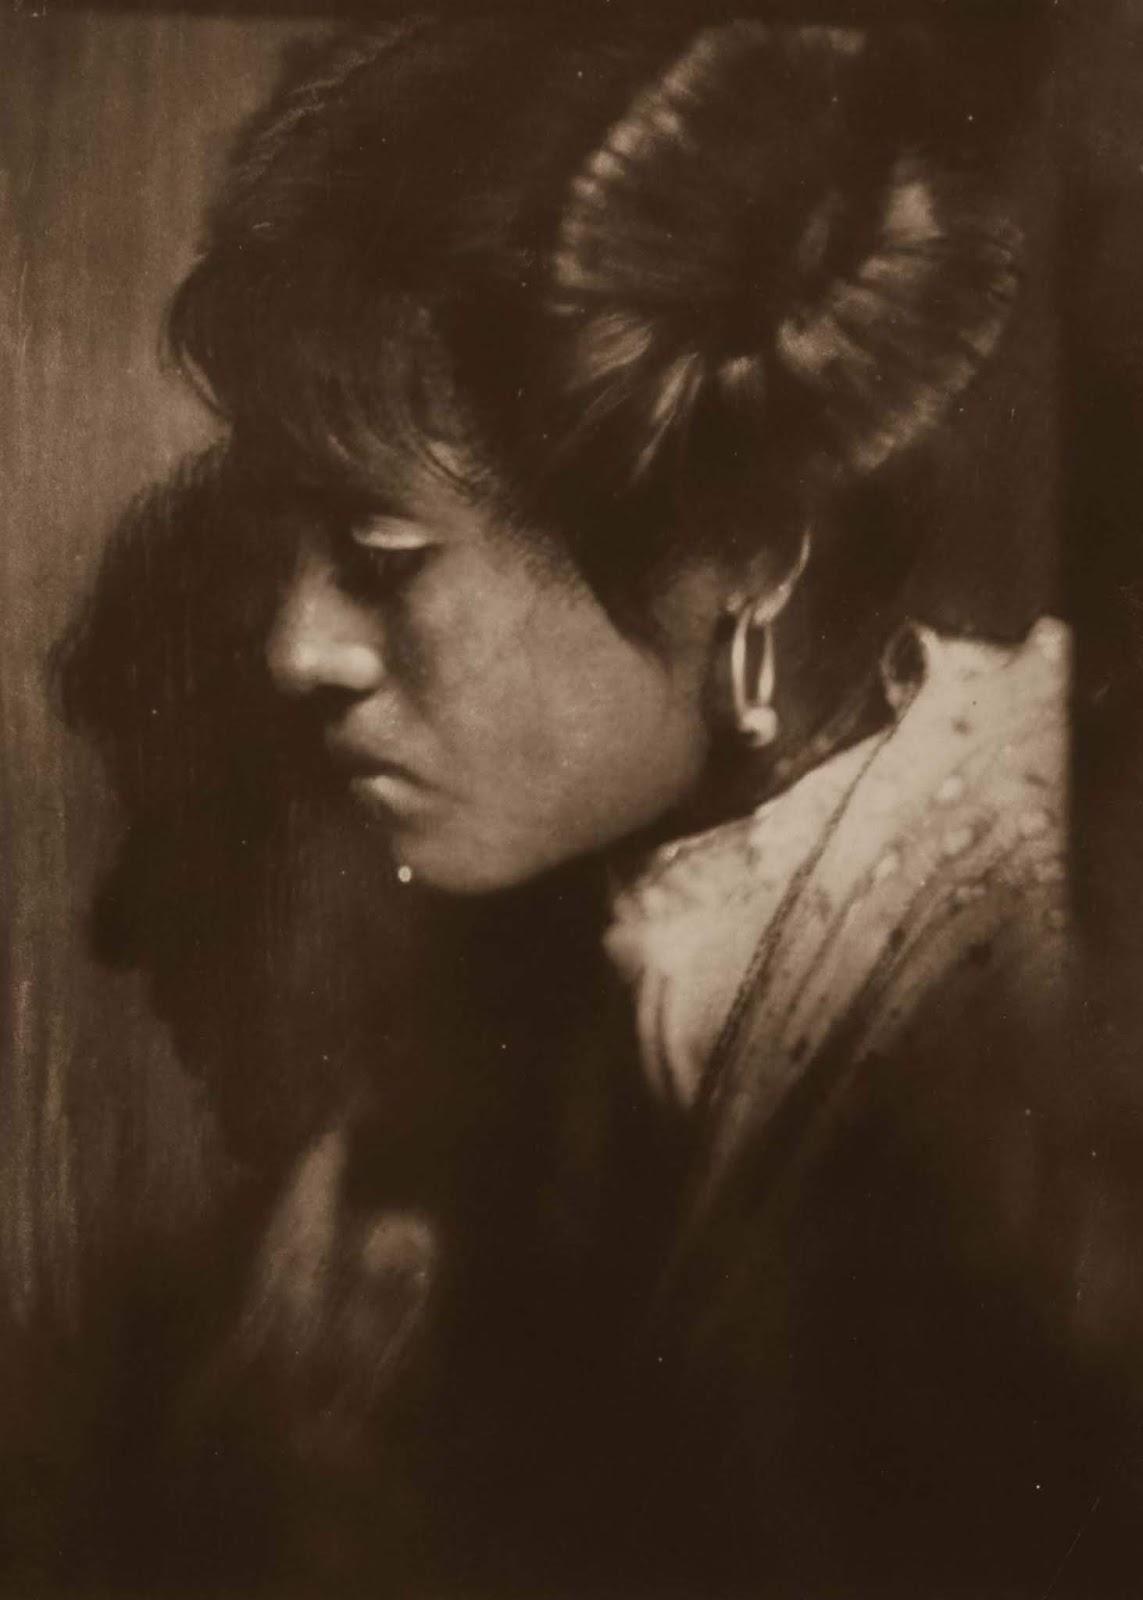 Una rara colección de fotografías de la vida de los nativos americanos a principios del siglo XX, 1904-1924